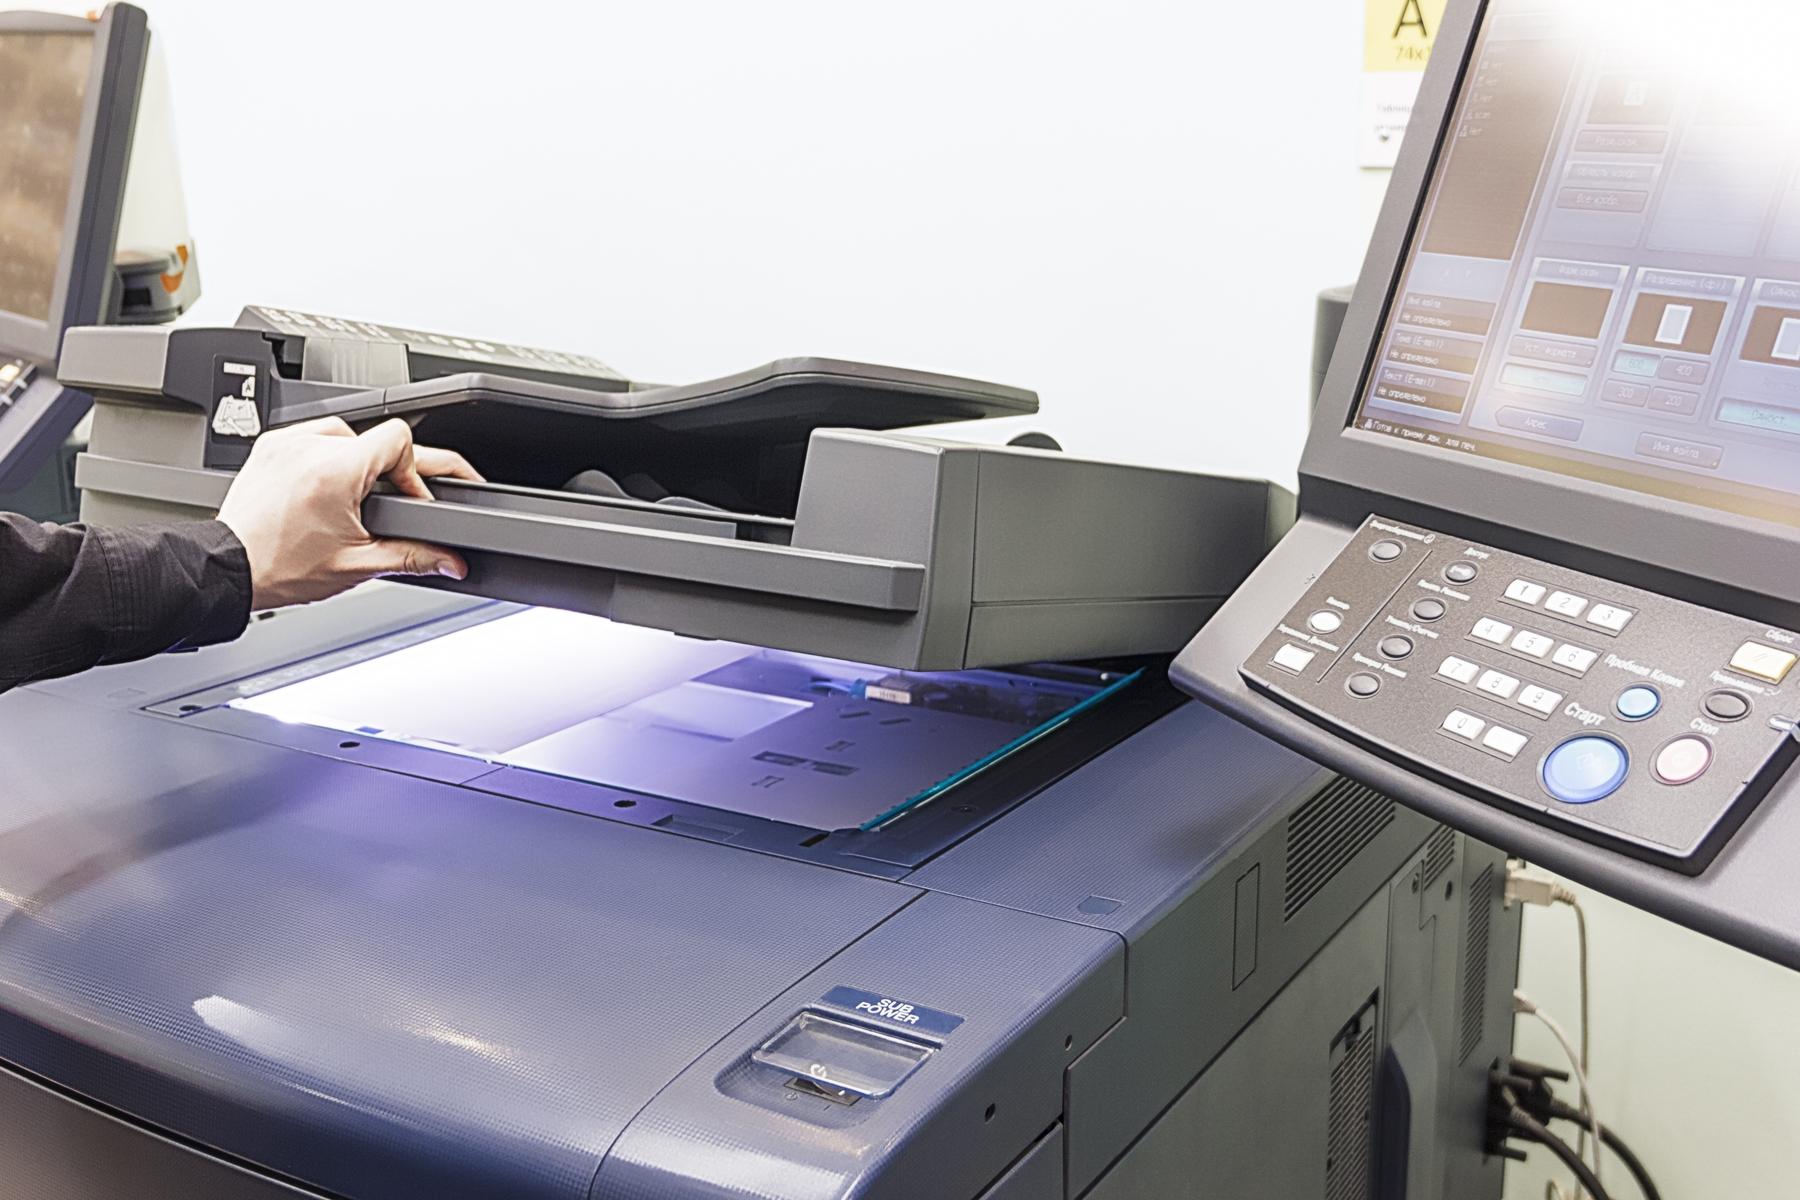 Сканер со специальной программой